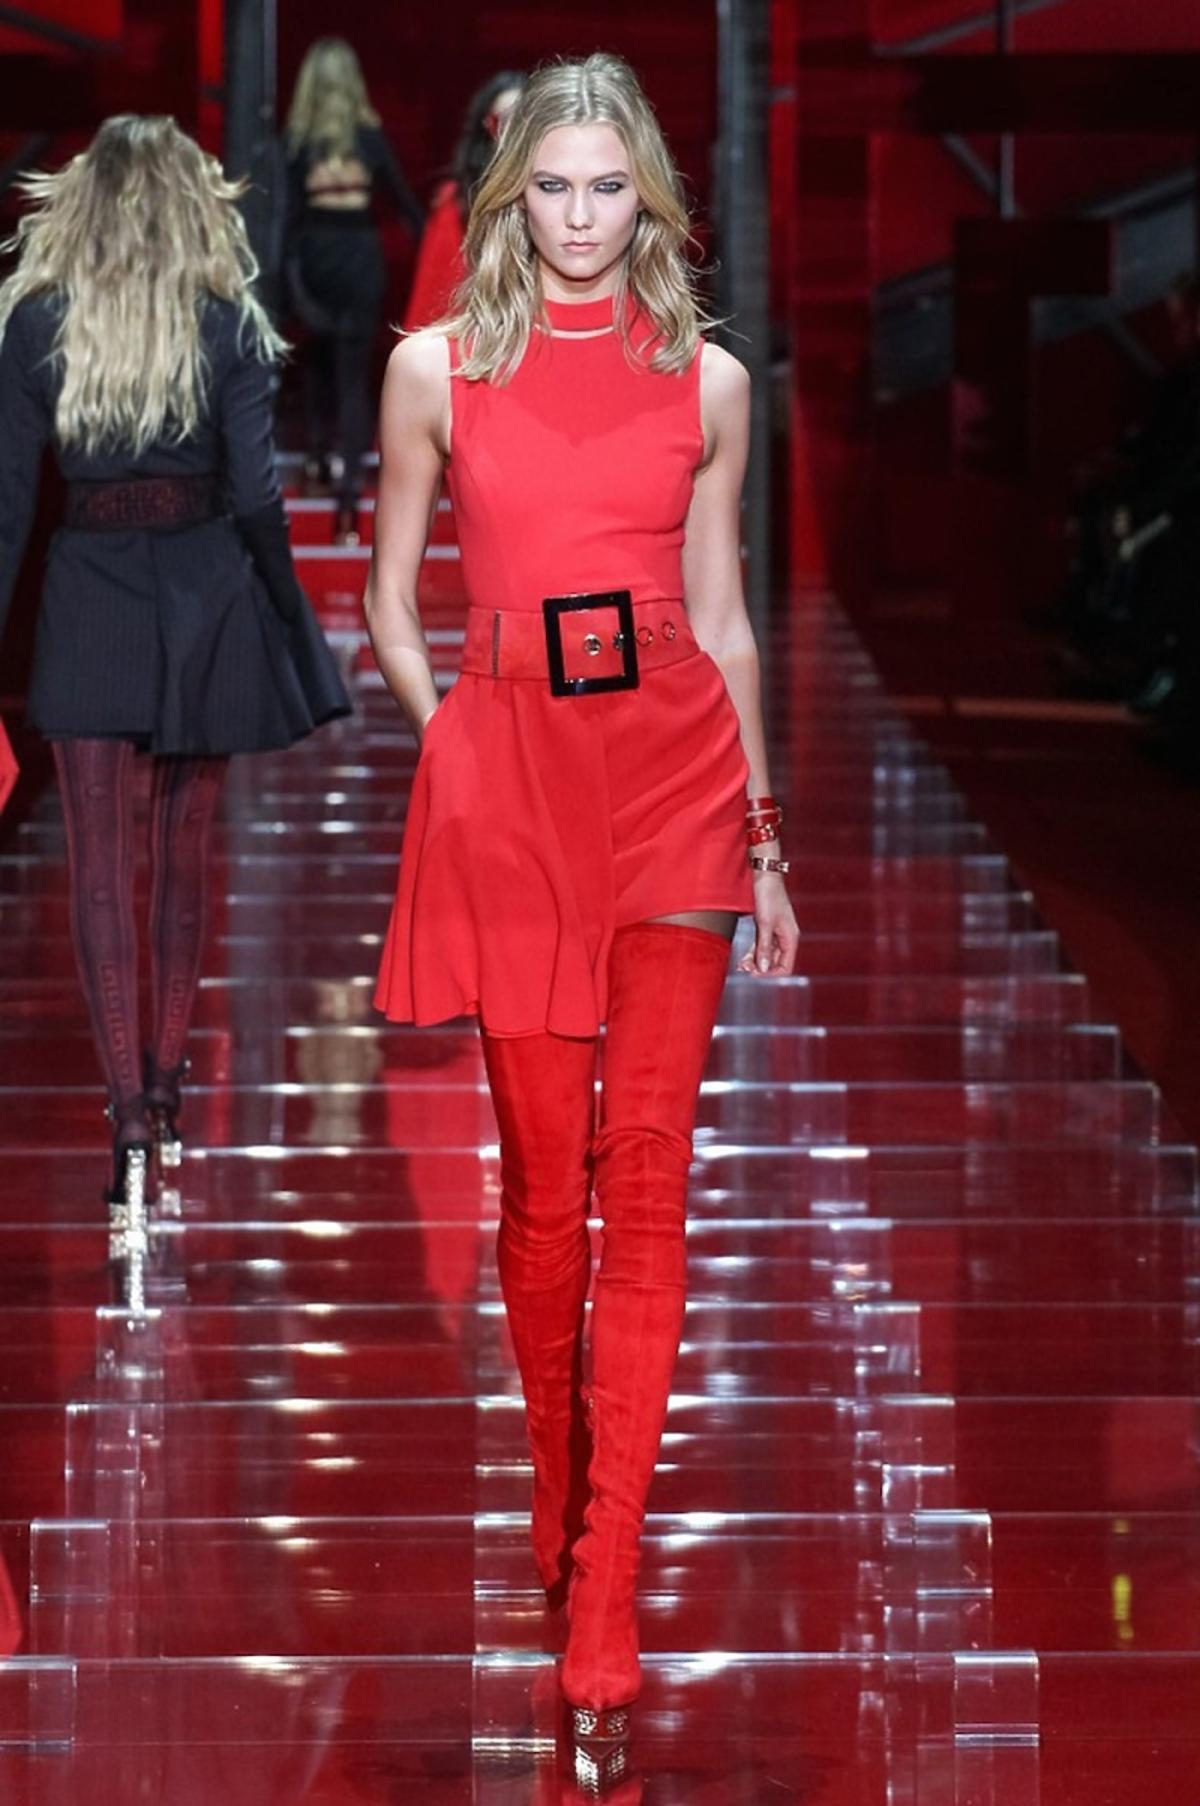 Modelka nna pokazie Versace w czerwonej sukience i czerwonych kozakach